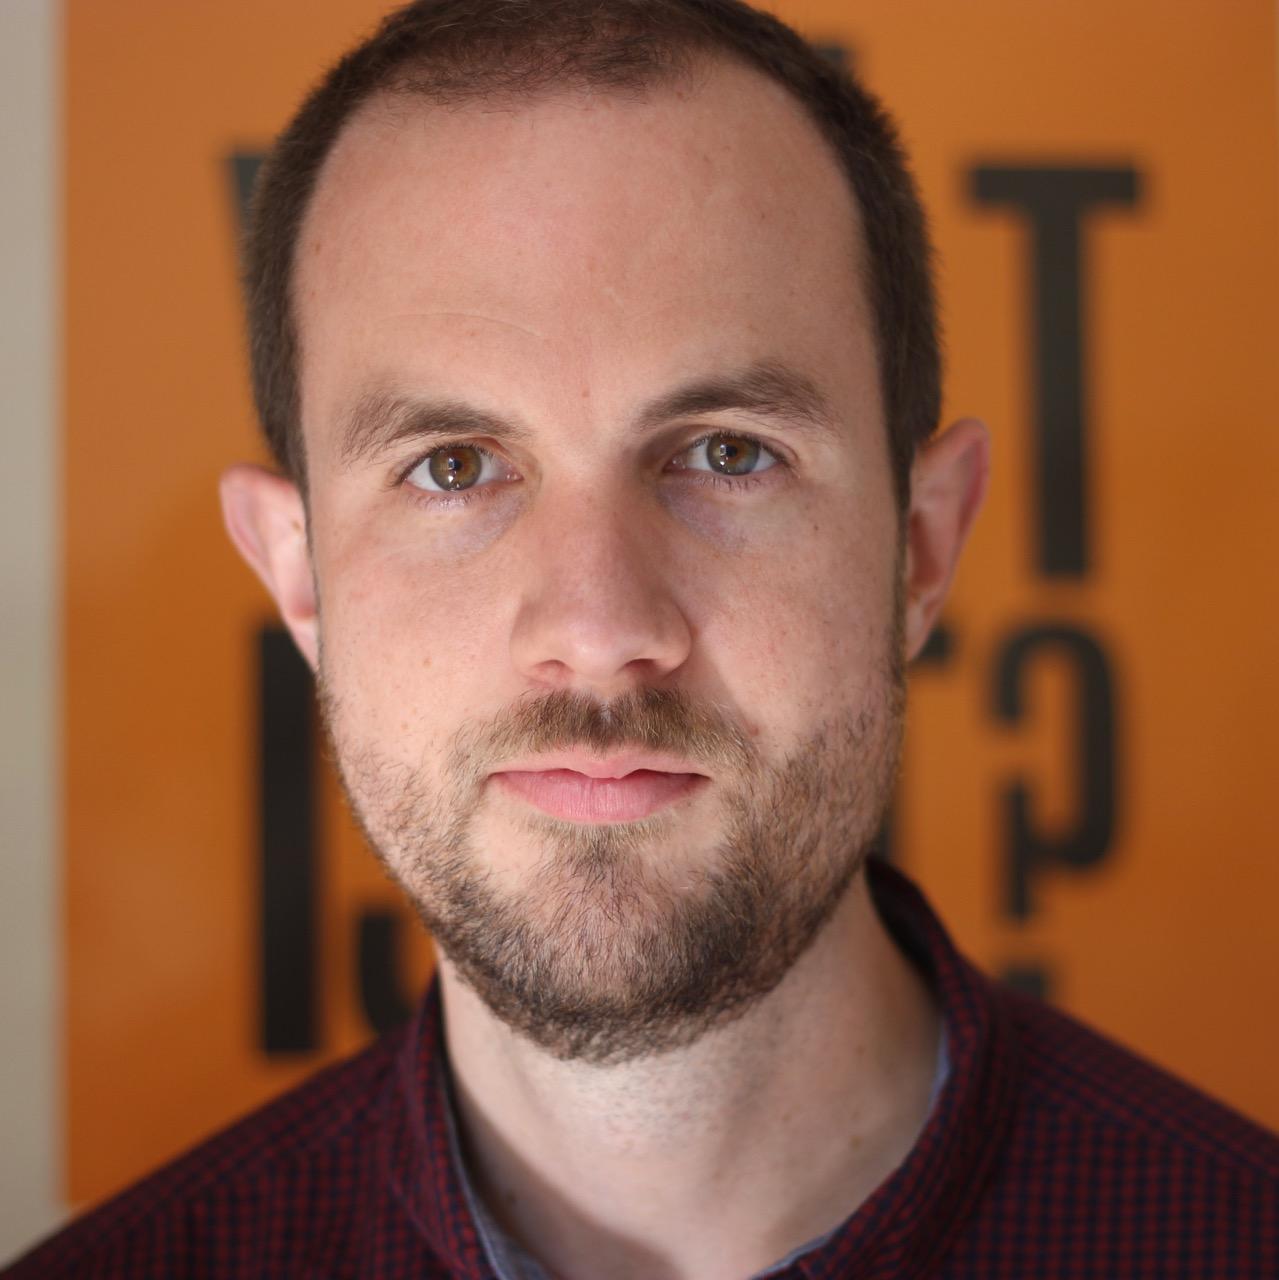 Duncan Hewett